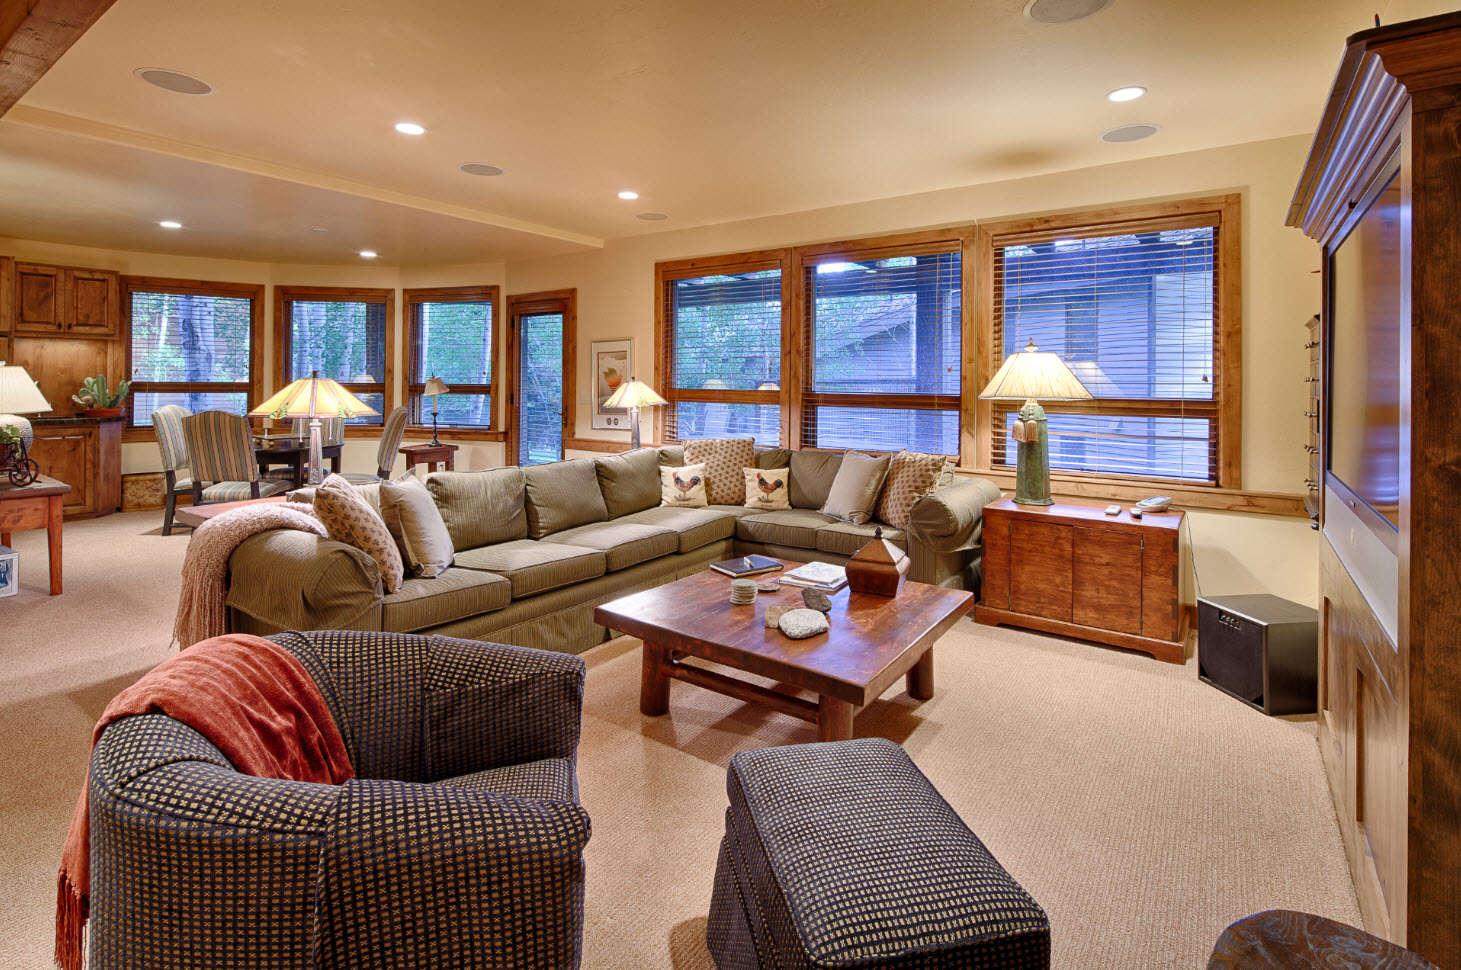 Luxury vacation rentals usa - Utah - Deer valley snow park - Racers Roost - Image 1/10